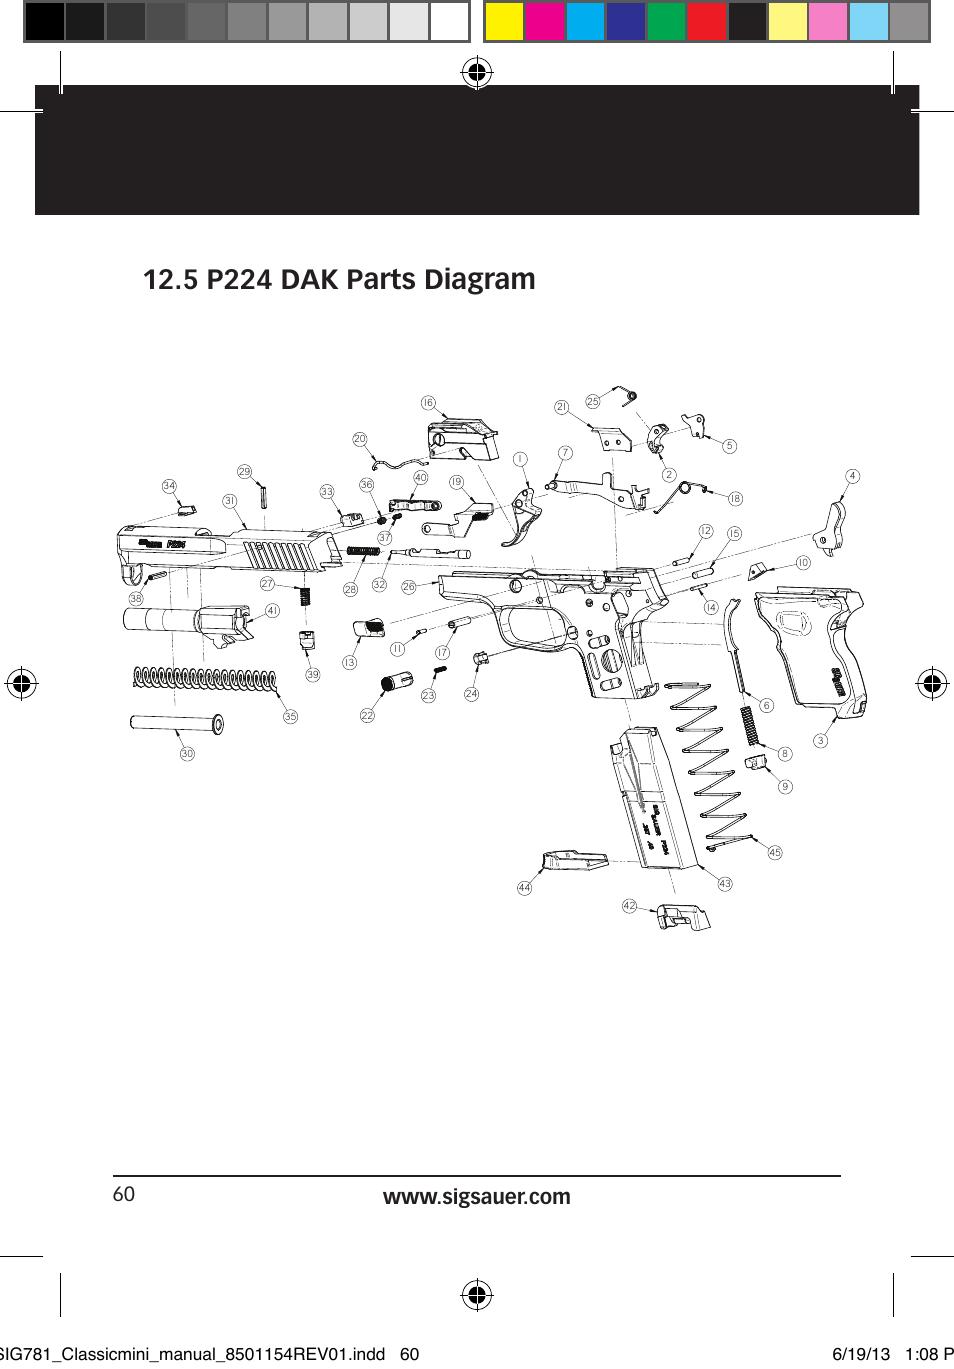 5 p224 dak parts diagram sig sauer p229 user manual page 60 88 Sig P250 Parts